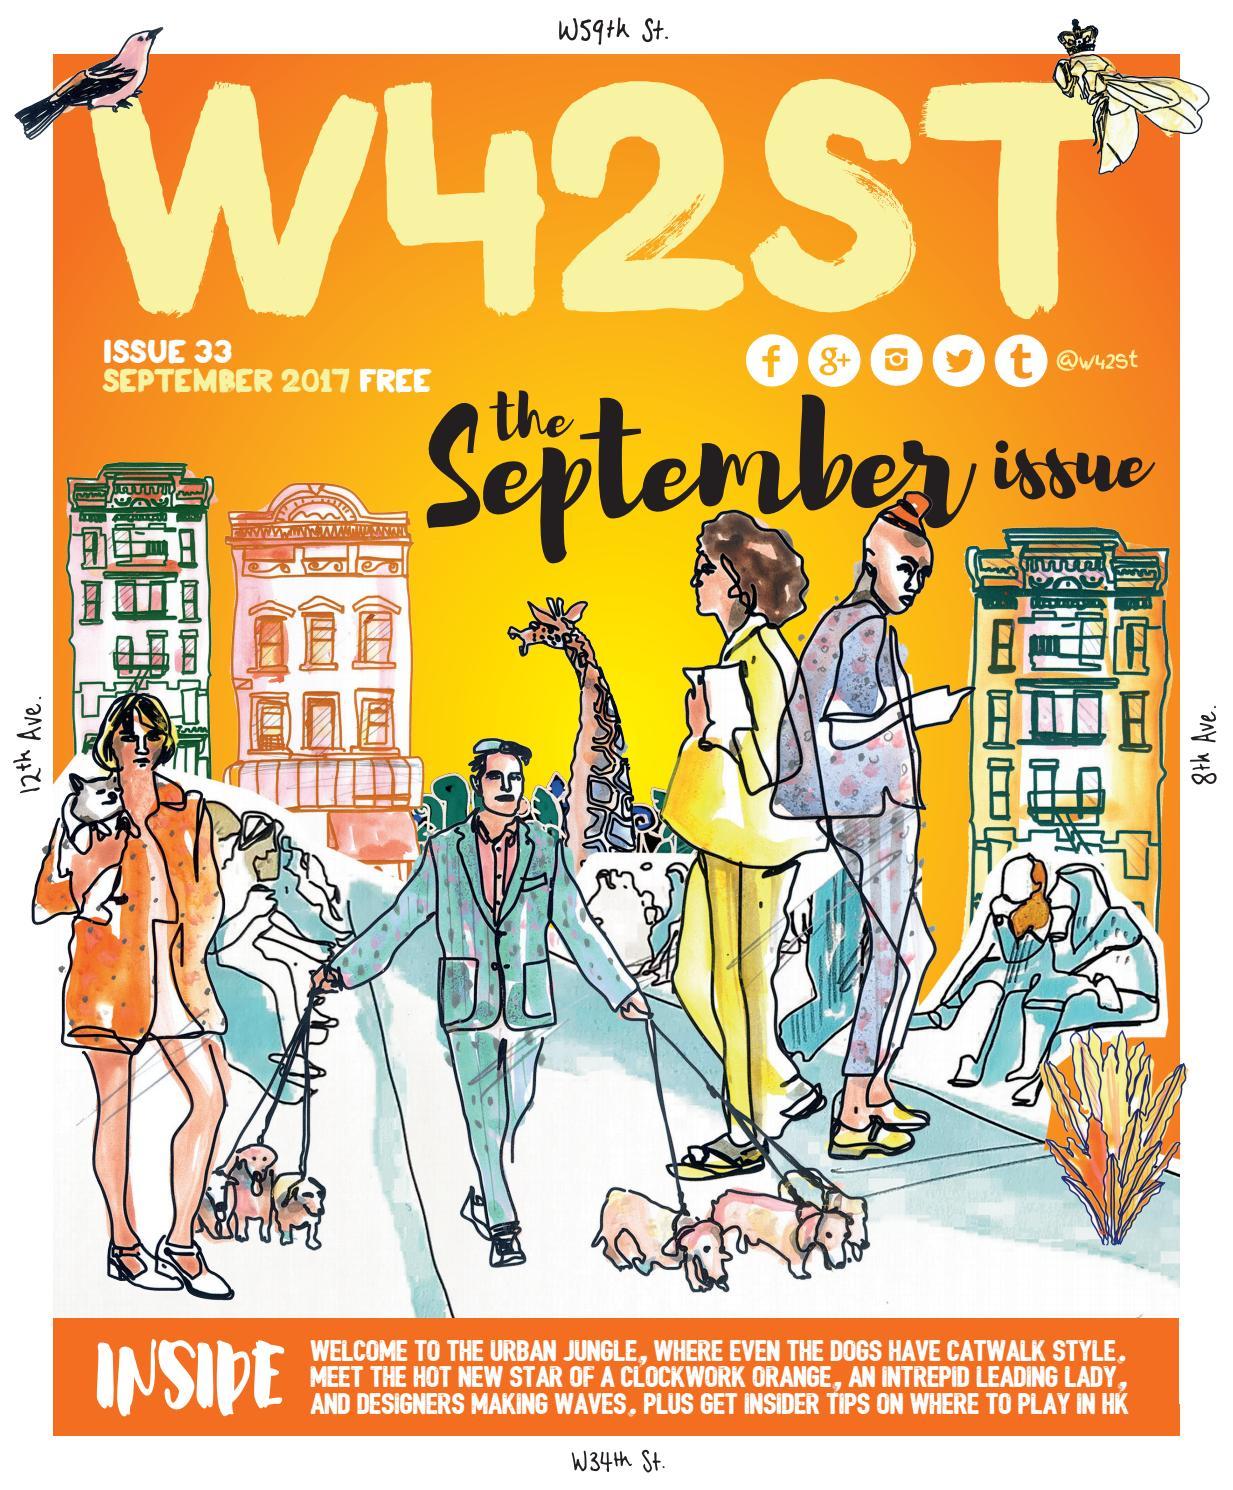 b15d09b6f W42ST Issue 33 - The September Issue by W42ST Magazine - issuu